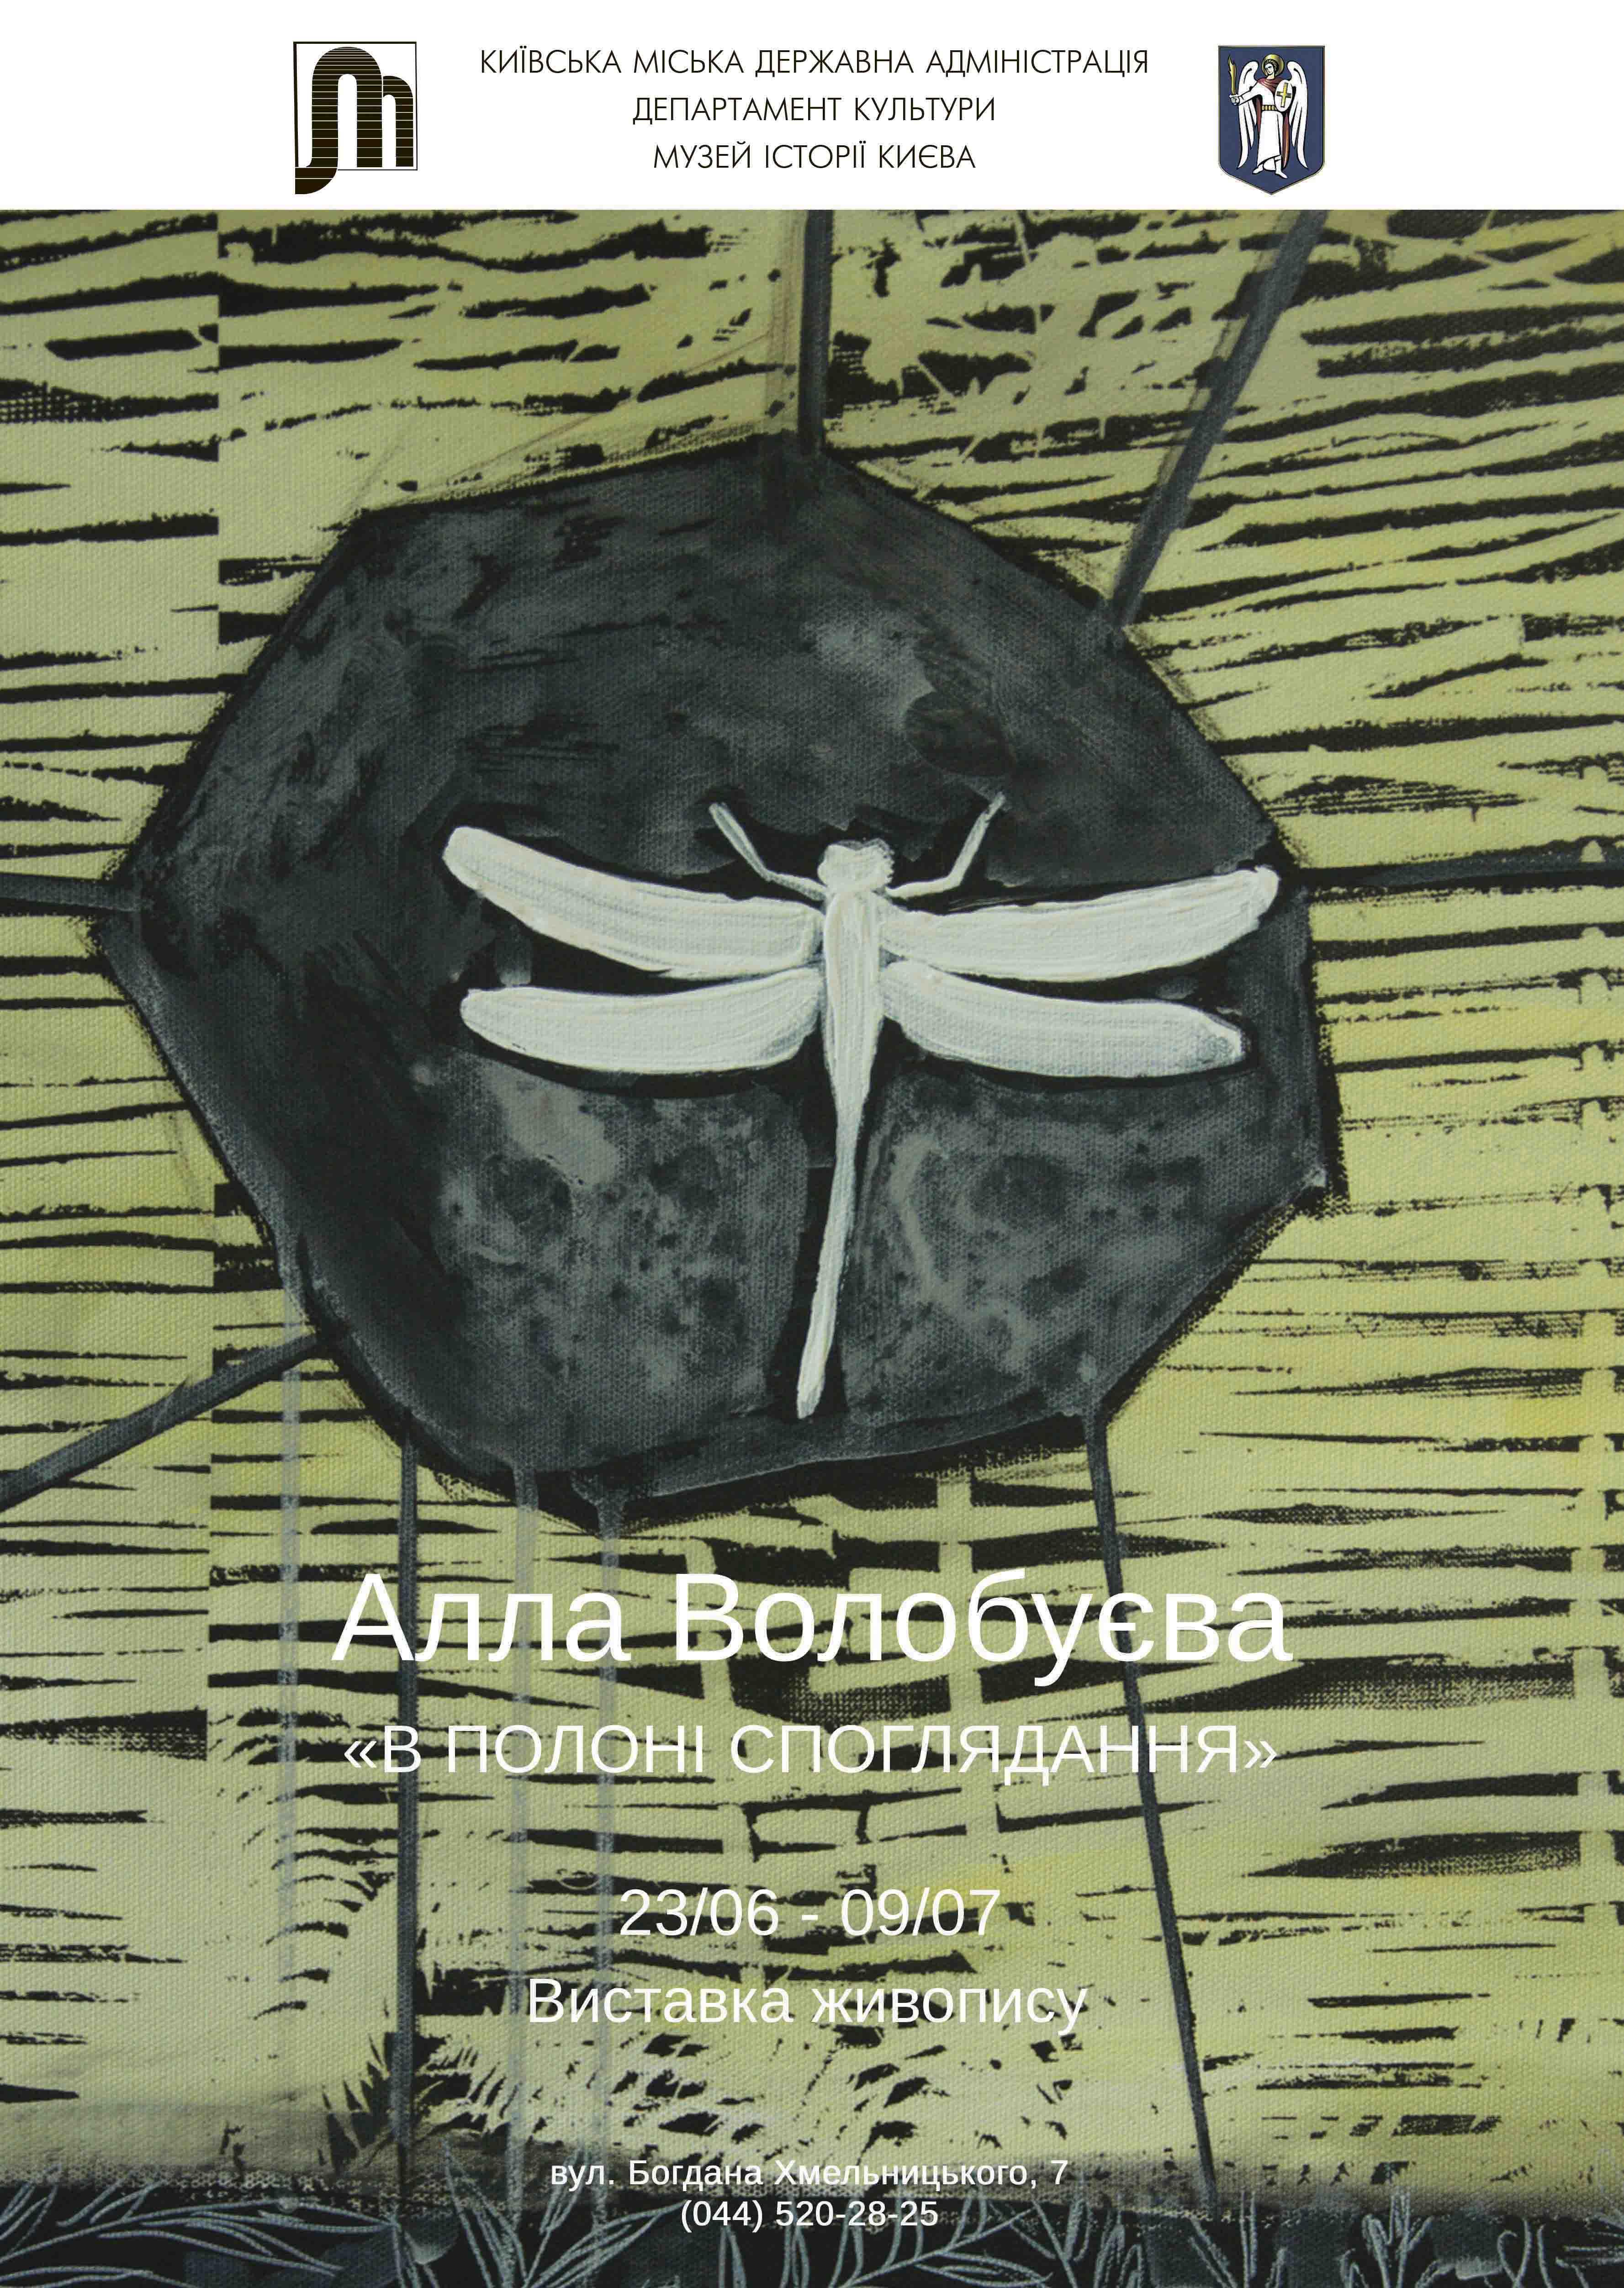 afisha-a3_a-volobueva_rgb